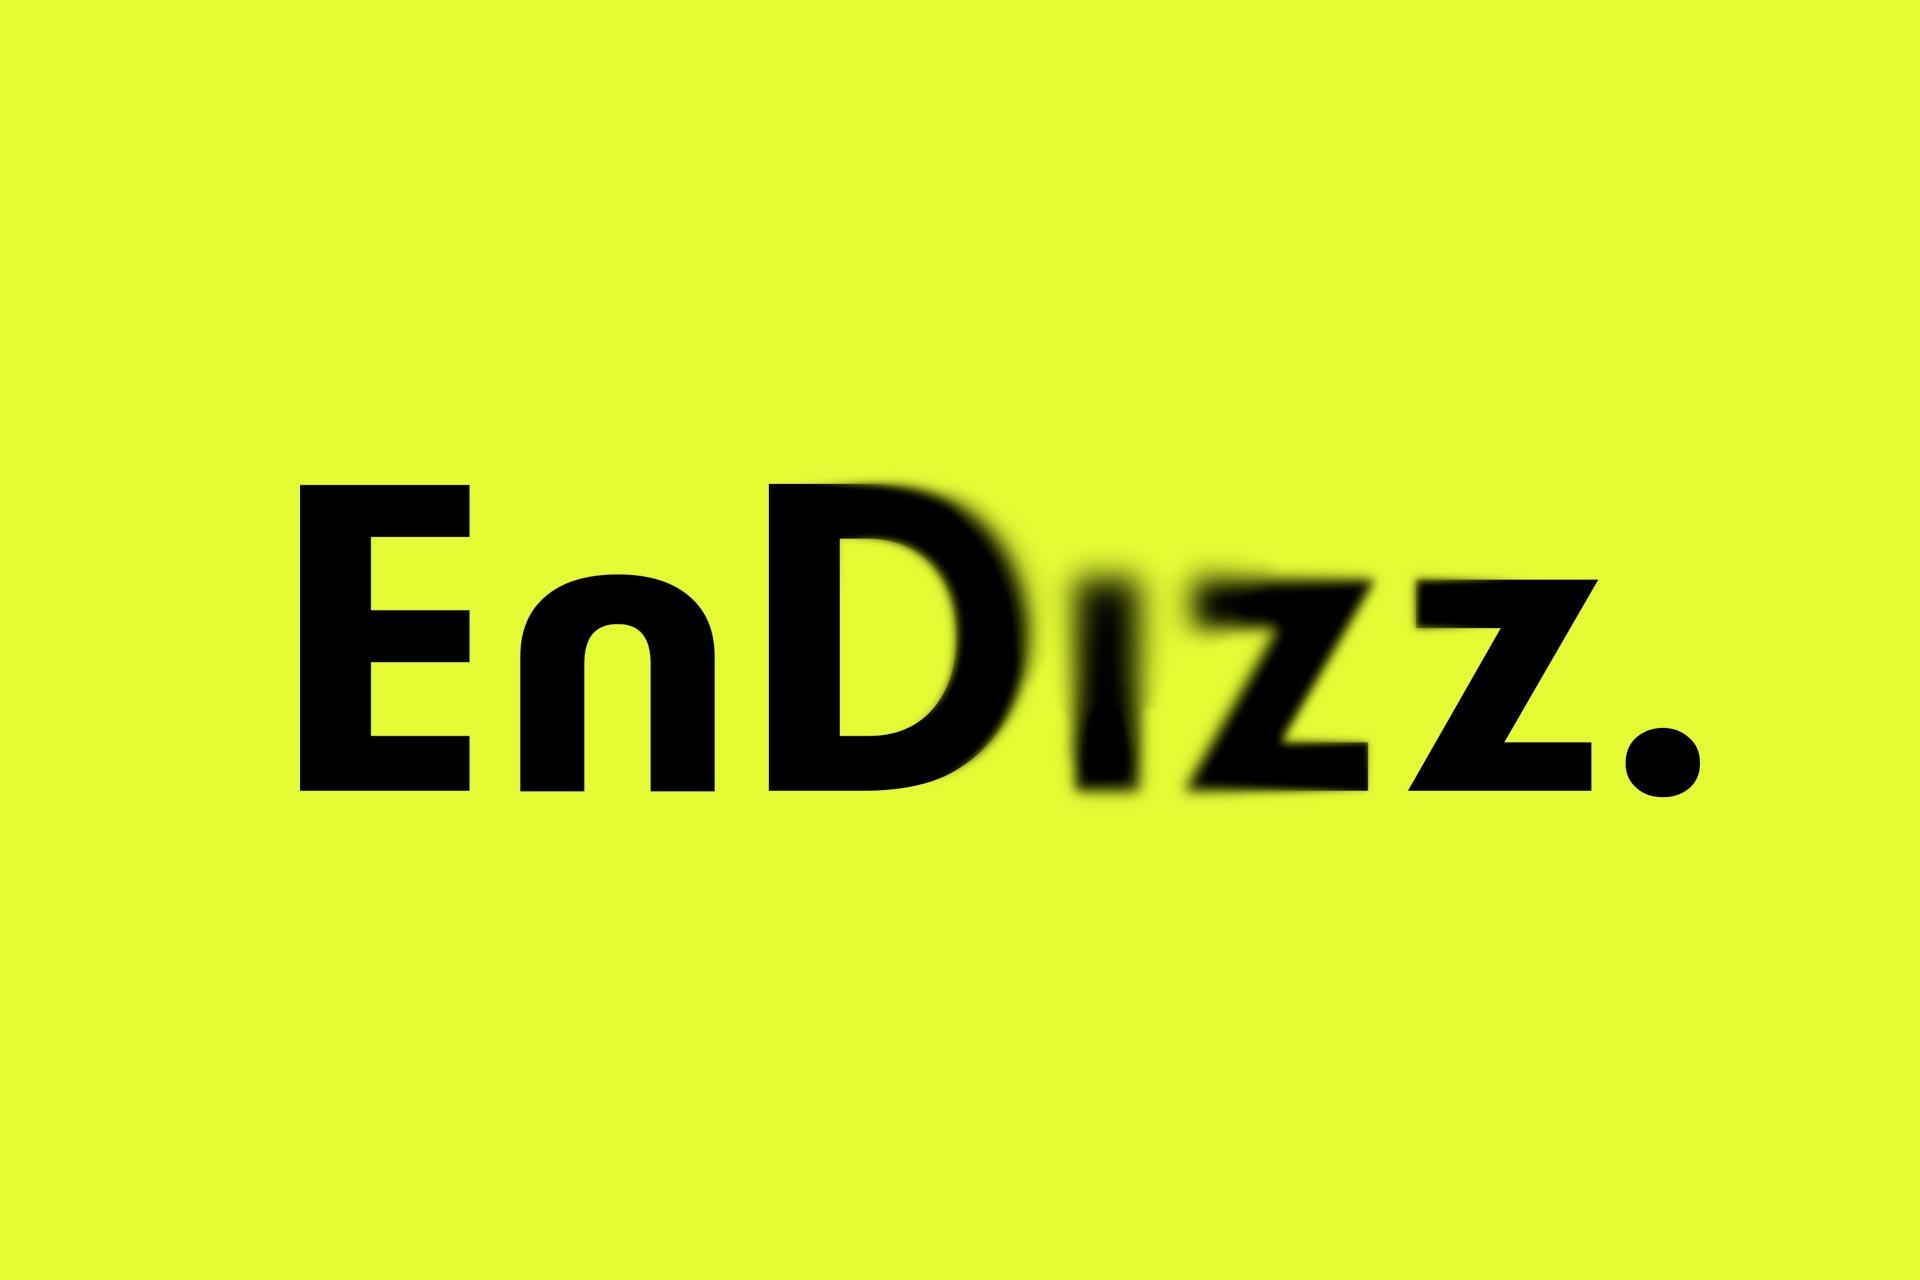 1920 EnDizz logo